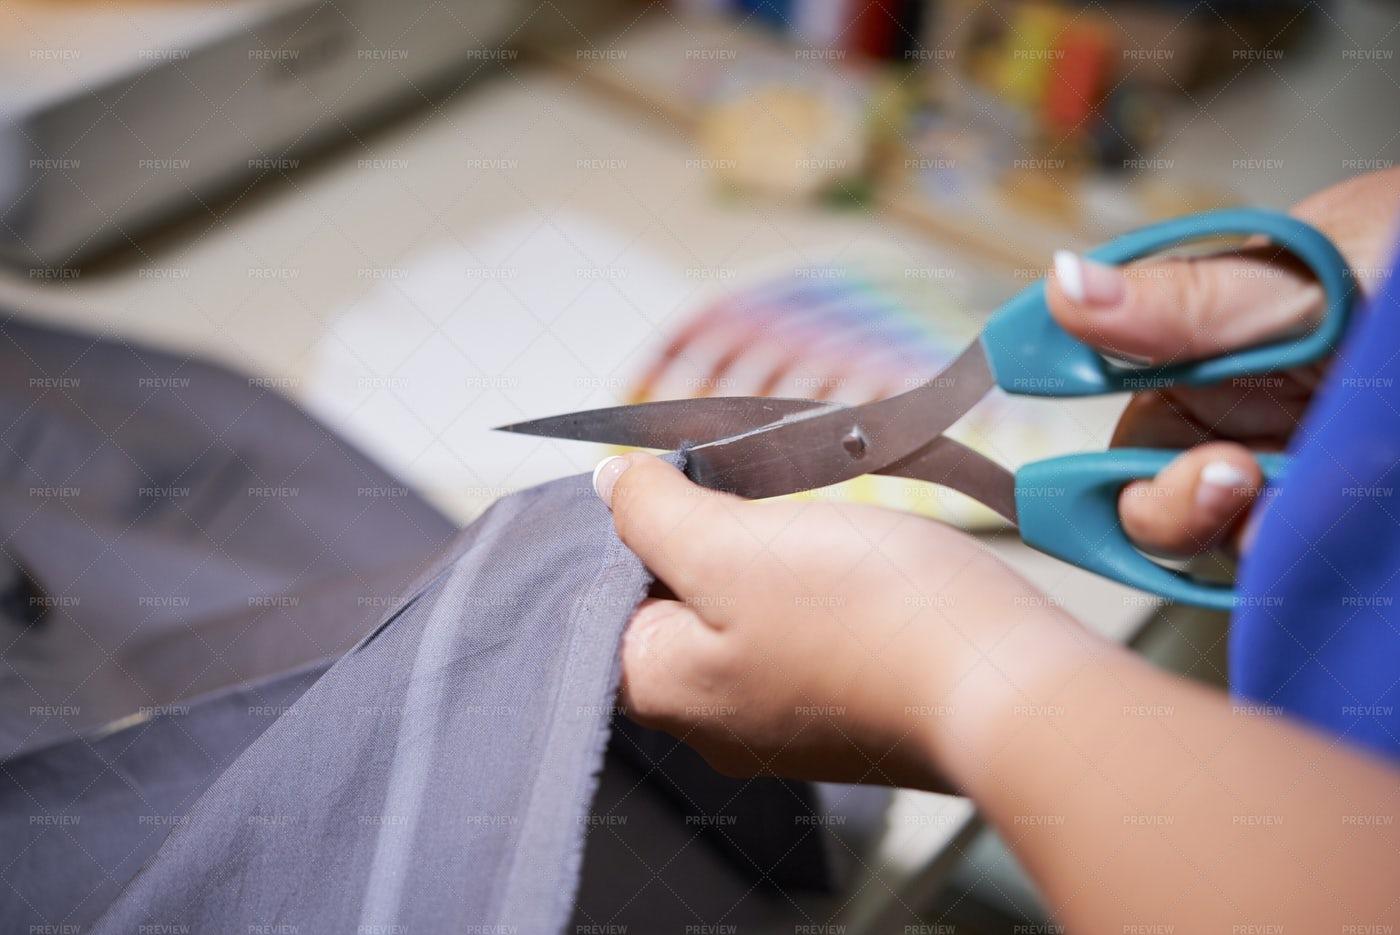 Tailor Cutting Fabric For Dress: Stock Photos